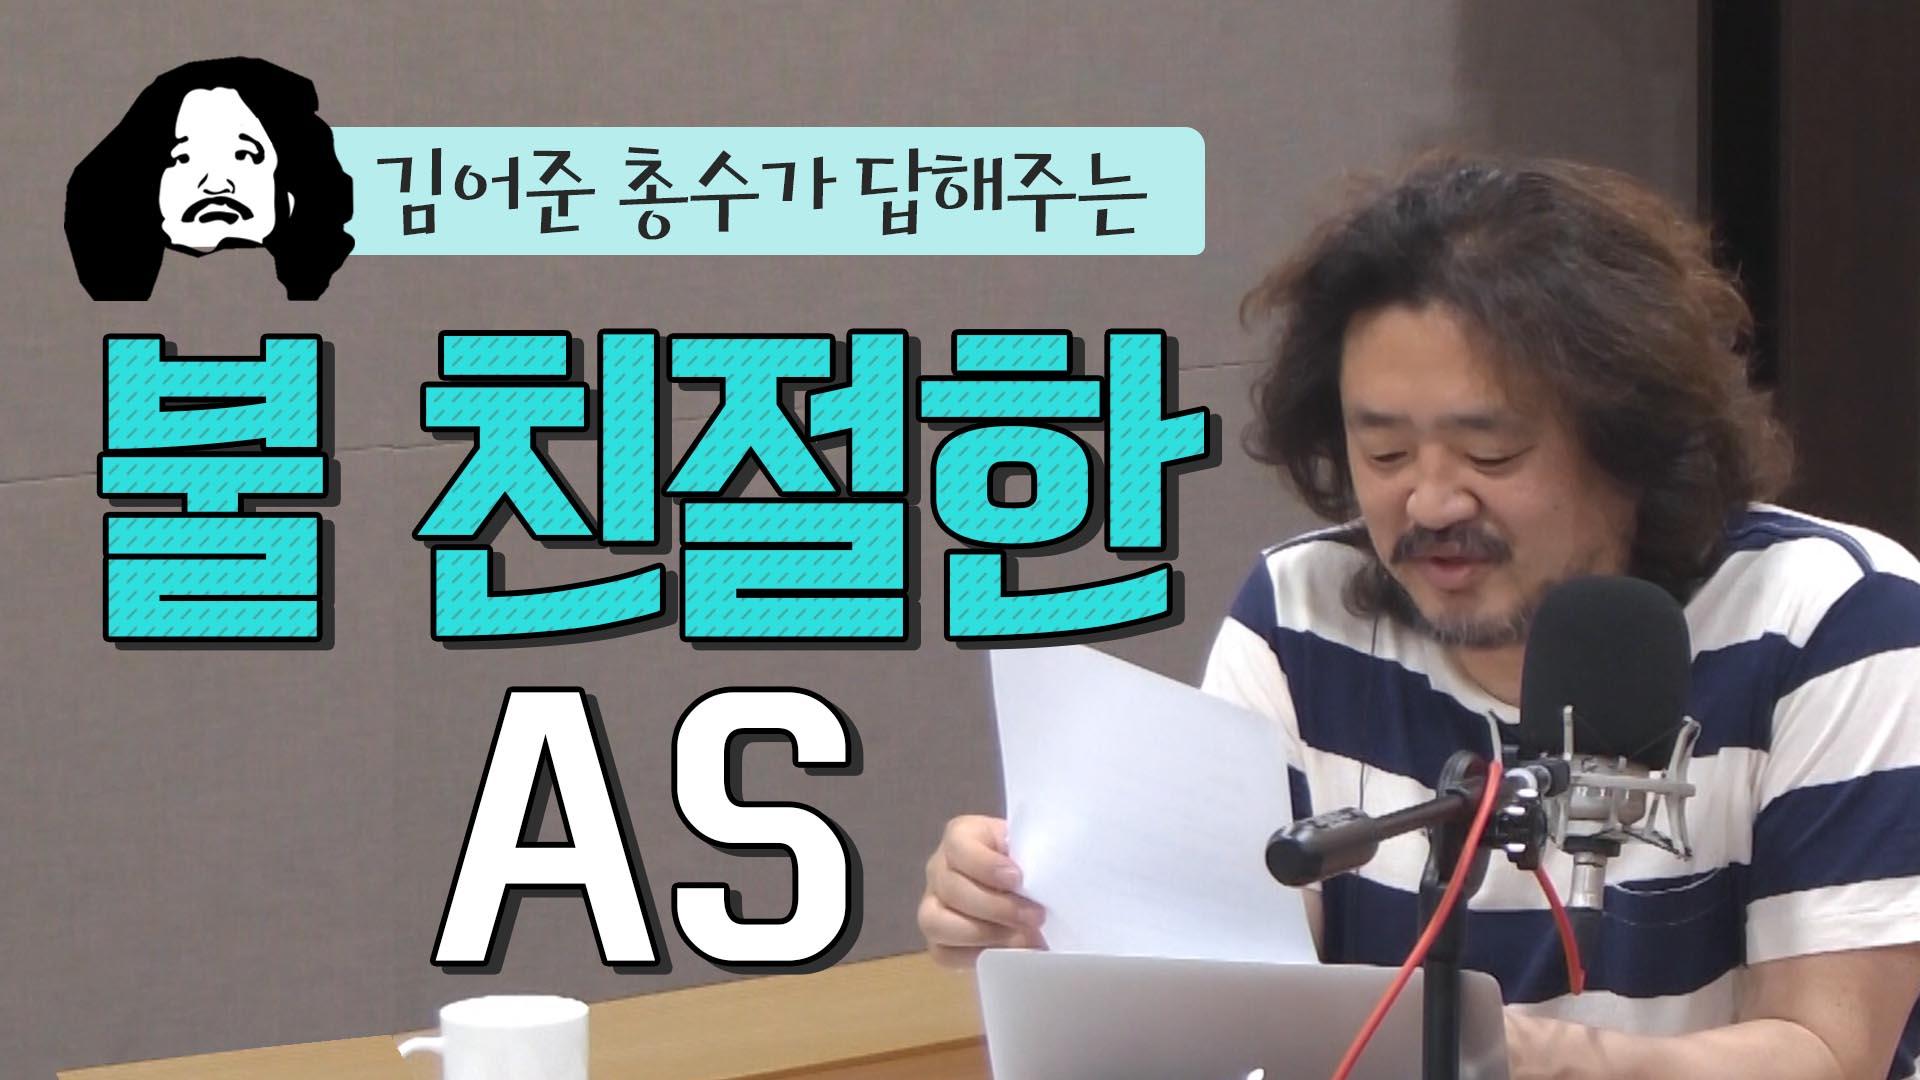 [김어준의 뉴스공장/ 불 친절한 AS] 근(거있는)자(신)감 공장장!